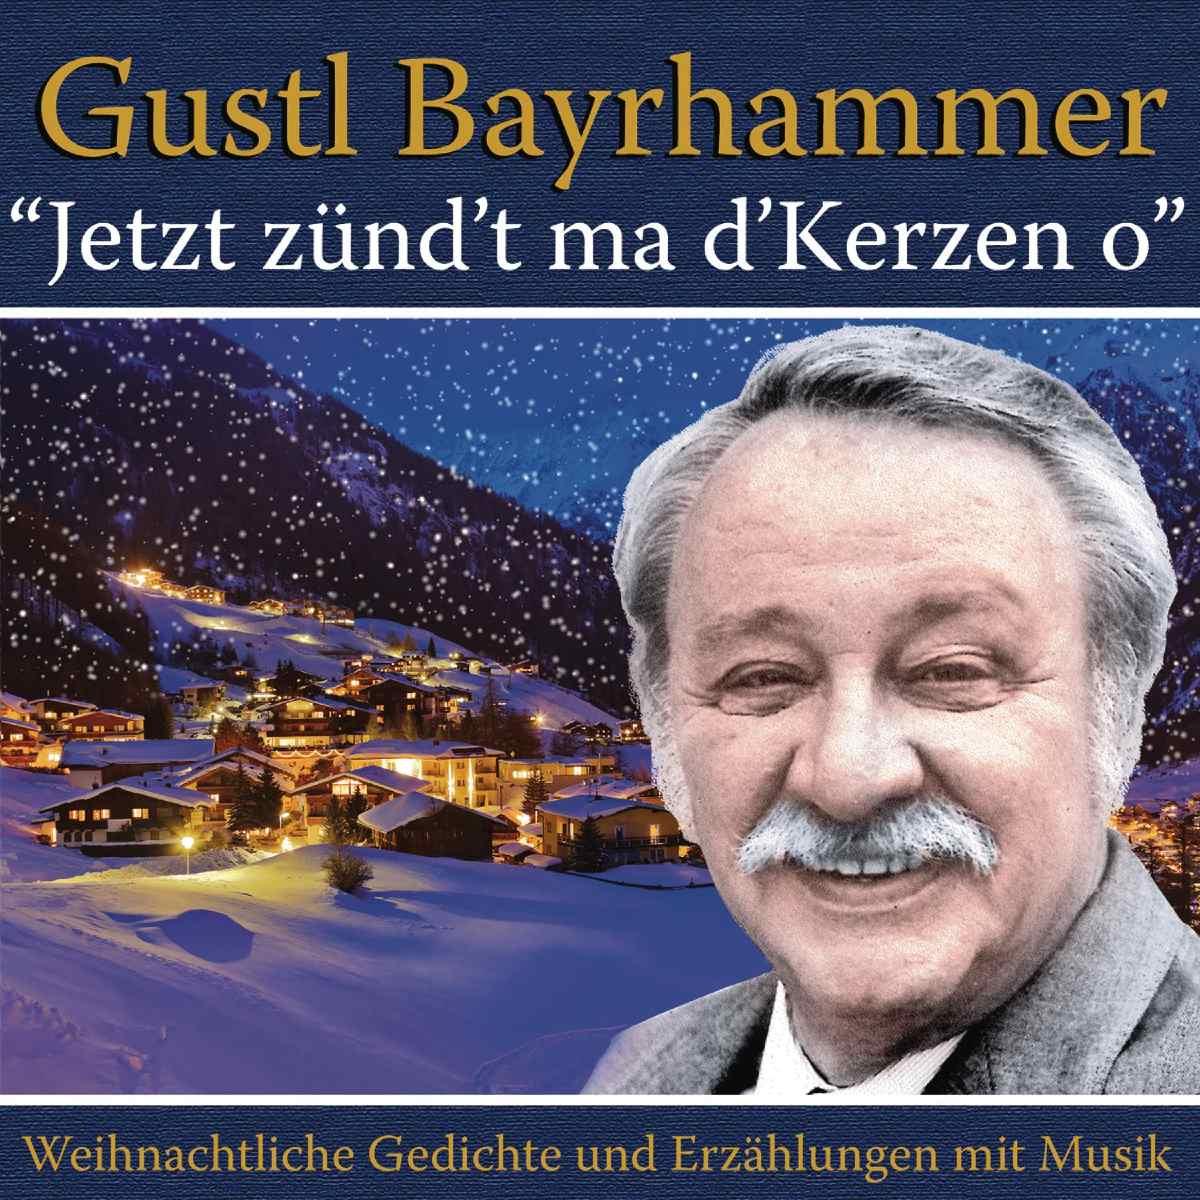 gustl bayrhammer